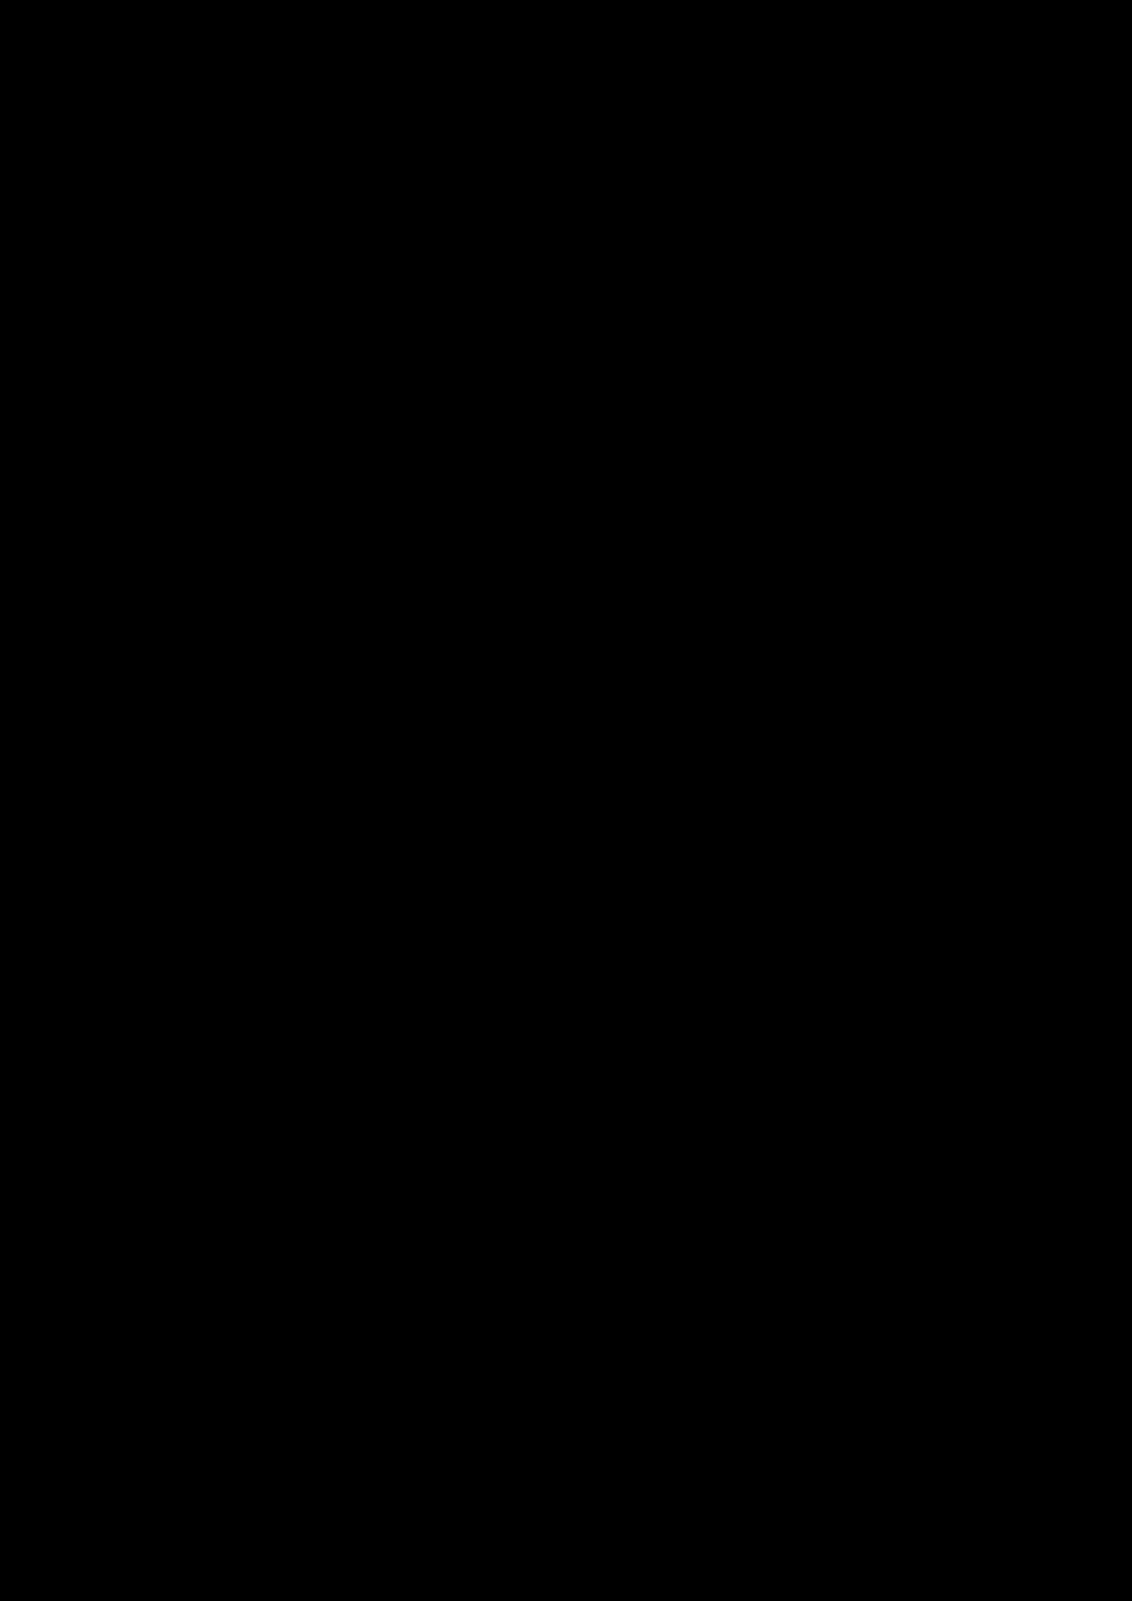 Zagadka volshebnoy stranyi slide, Image 113